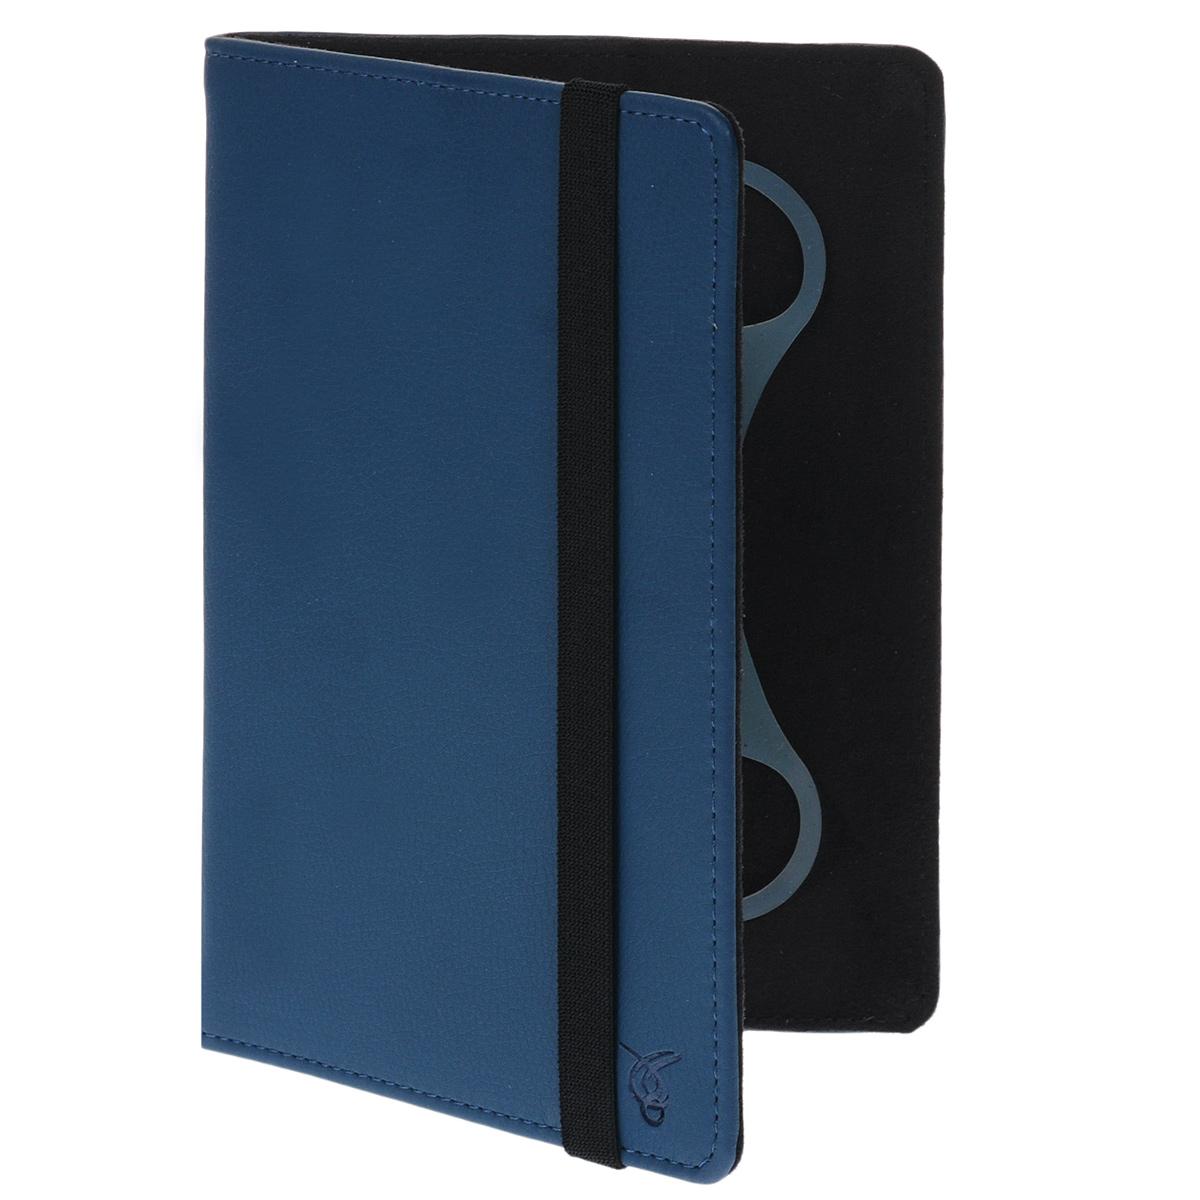 Vivacase Basic универсальный чехол-обложка для планшетов 7+, Blue (VUC-CBS07P-blue)VUC-CBS07P-blueУниверсальный чехол Vivacase с резиновым креплением, который подходит для любых популярных планшетов и электронных книг с диагональю дисплея в 7+ дюймов. Он изготовлен из ПУ-кожи которой обтянут прочный каркас, защищающий устройство во время падений. Внутренняя часть отделана мягкой подкладкой, которая не оставляет никаких следов на корпусе и дисплее. Каркас из тонкой и мягкой резины позволяет прочно и надежно закрепить устройство подходящего размера. Для того чтобы установить устройство в альбомной ориентации, удобной для просмотра видео или чтения, чехол имеет подвижную площадку и два углубления, которые позволяют зафиксировать планшет под двумя разными углами.